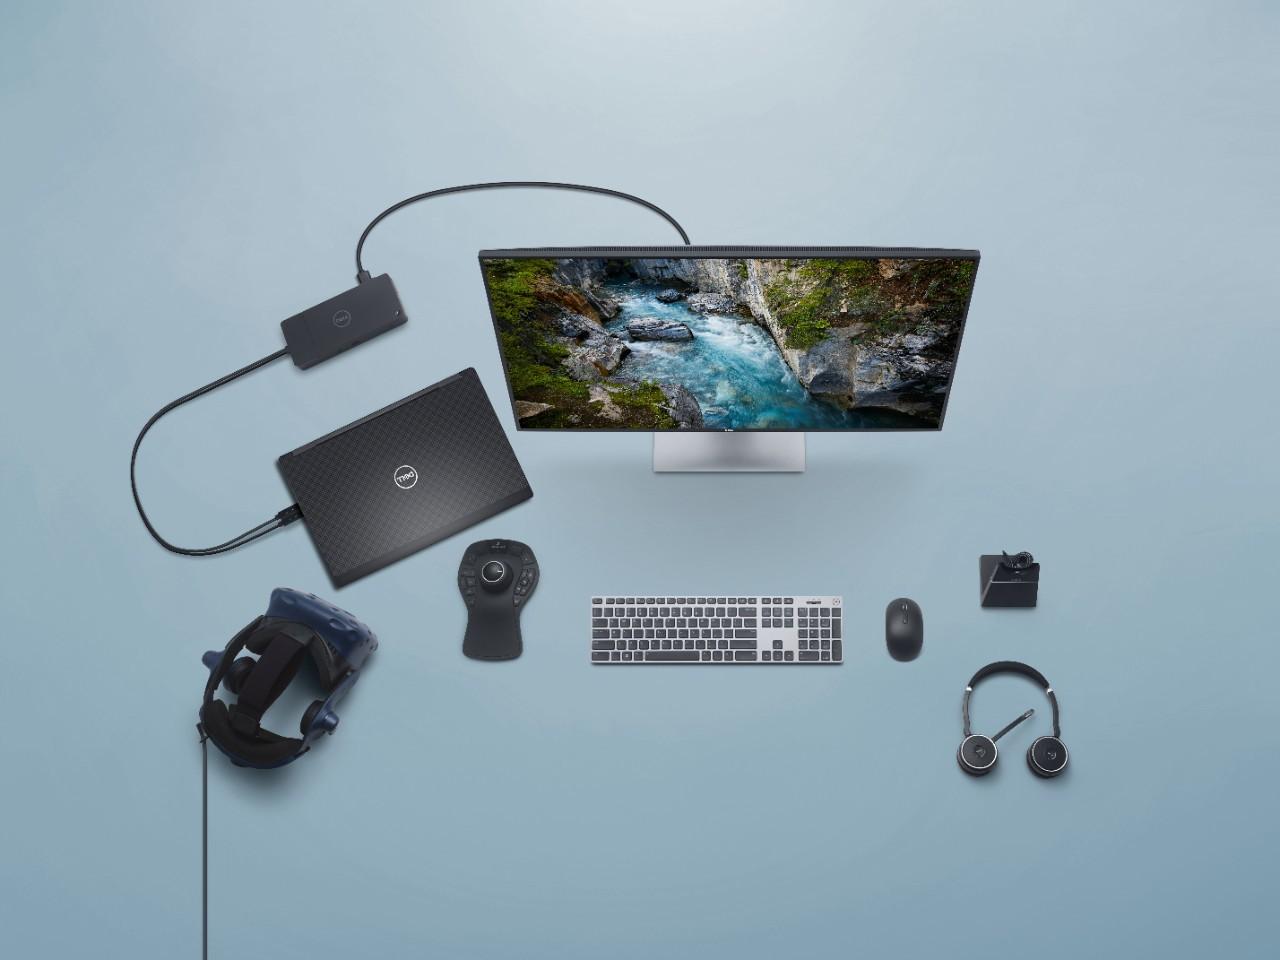 Dell upgrades its Precision workstation portfolio with Quadro RTX